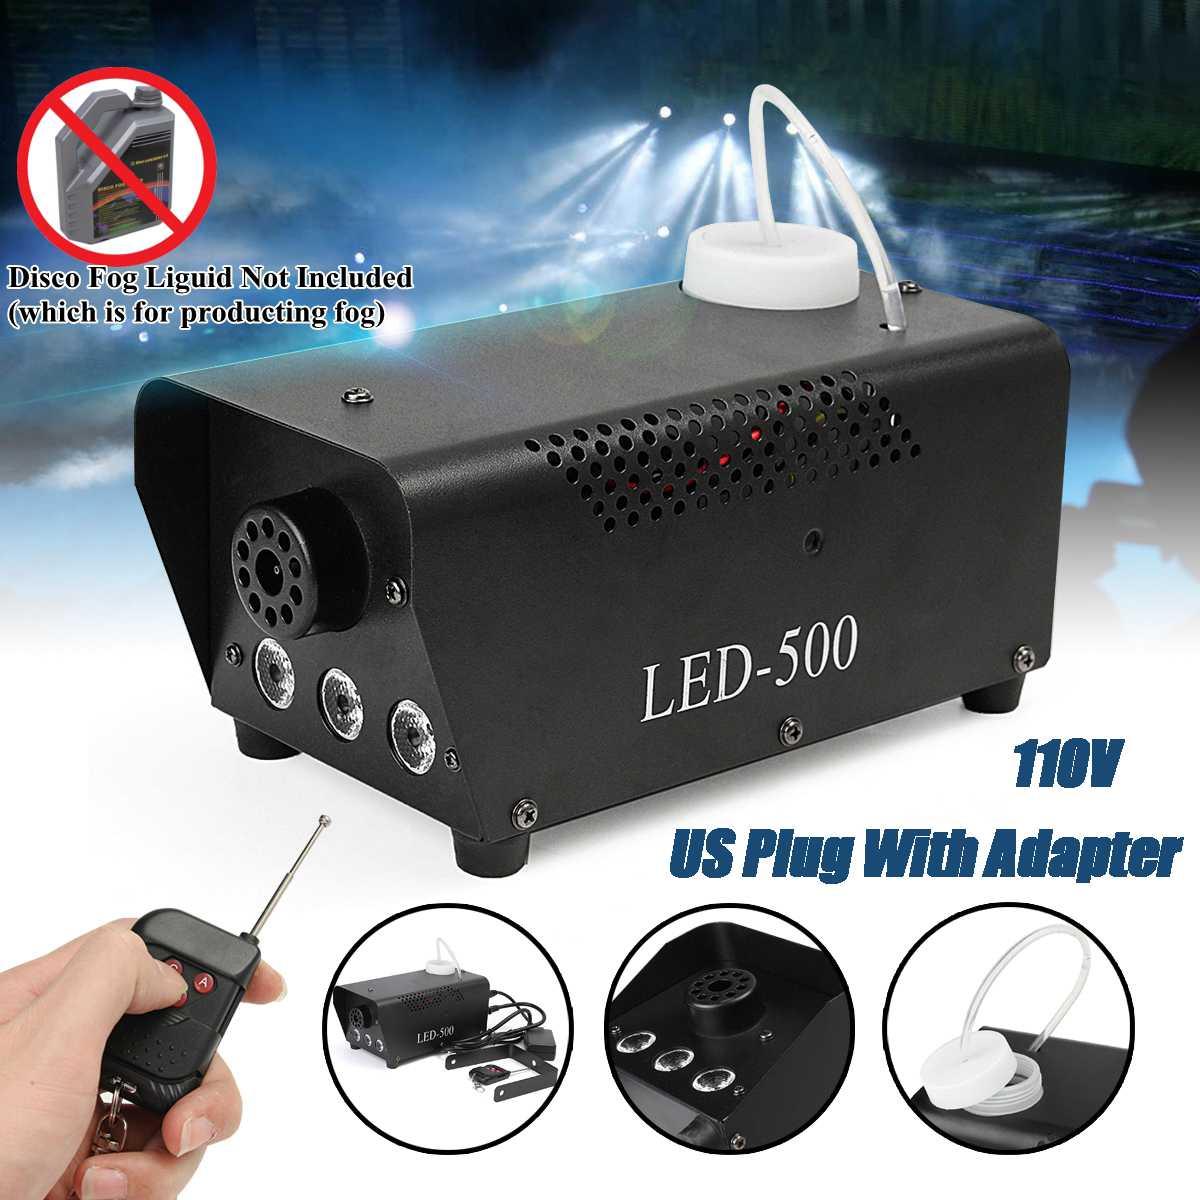 500 ワットワイヤレス煙フォグマシン RGB LED リモート DJ ディスコパーティークラブライト白煙ライト